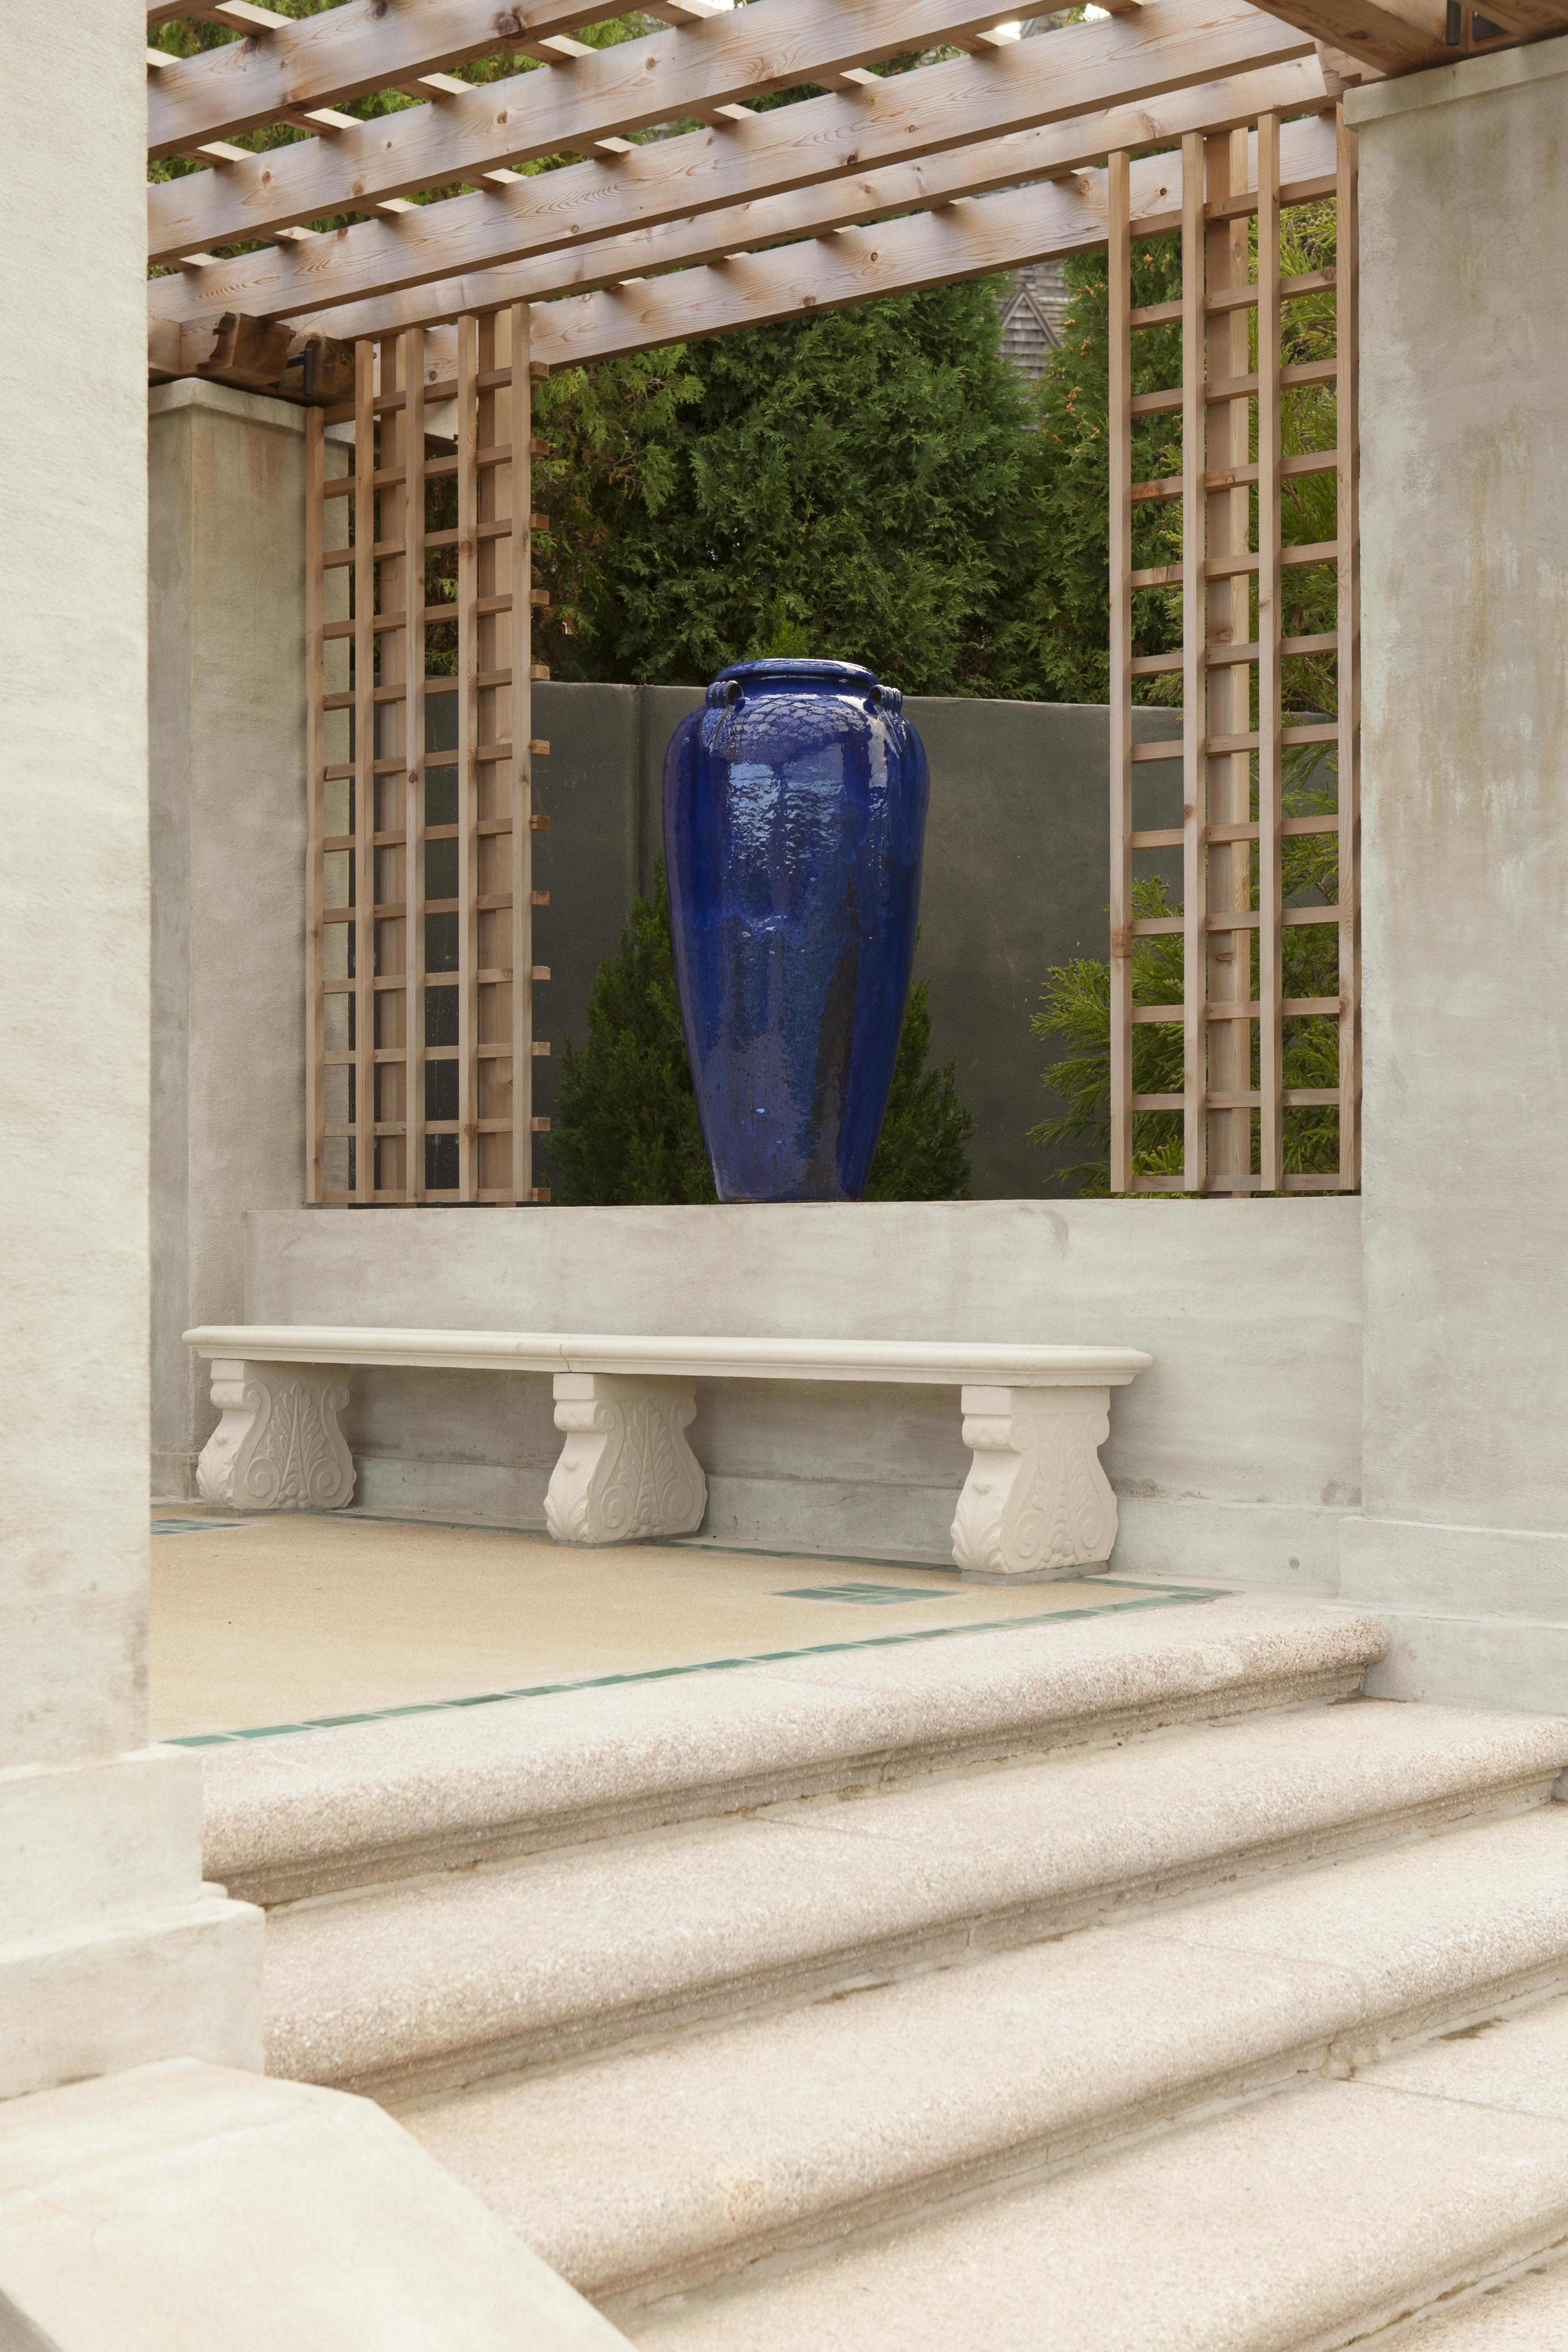 a peek inside newport's blue garden - private newport